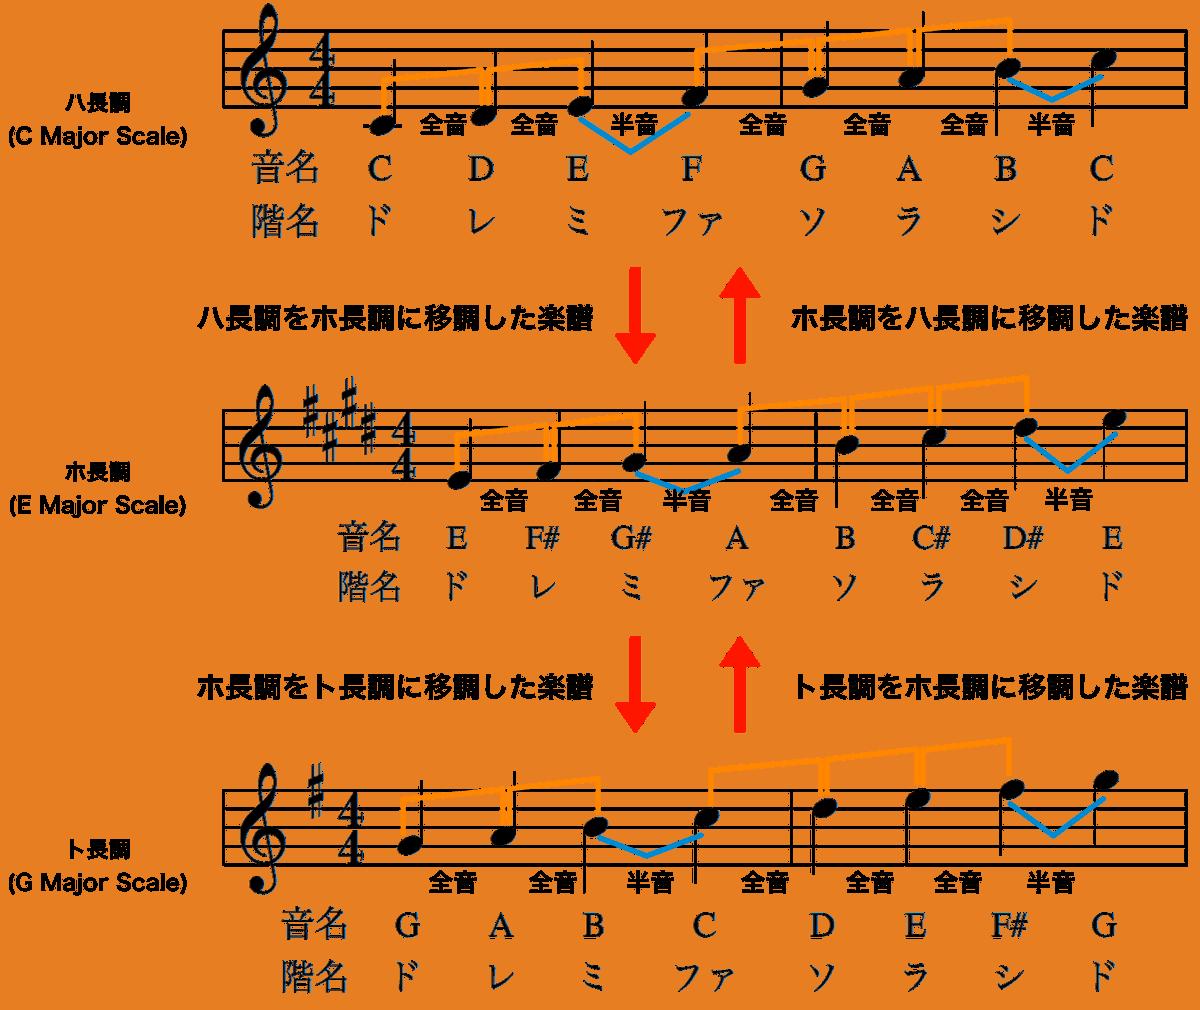 ハ長調とホ長調とト長調の関係-移調楽譜